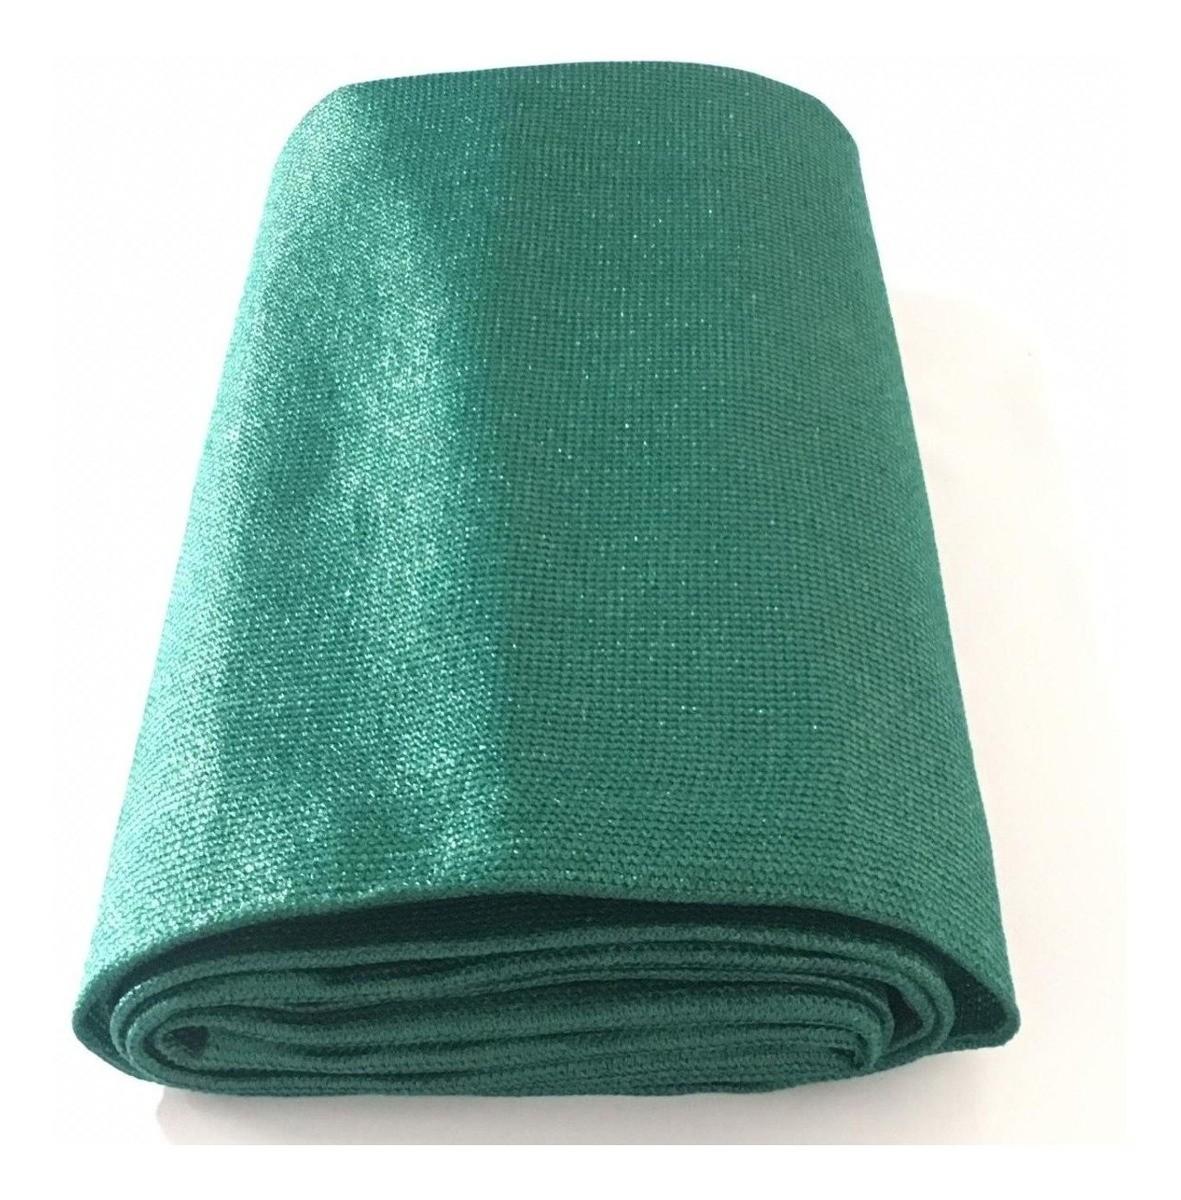 Tela Toldo Sombrite Verde Com Bainha Ilhós e Kit 5x11m